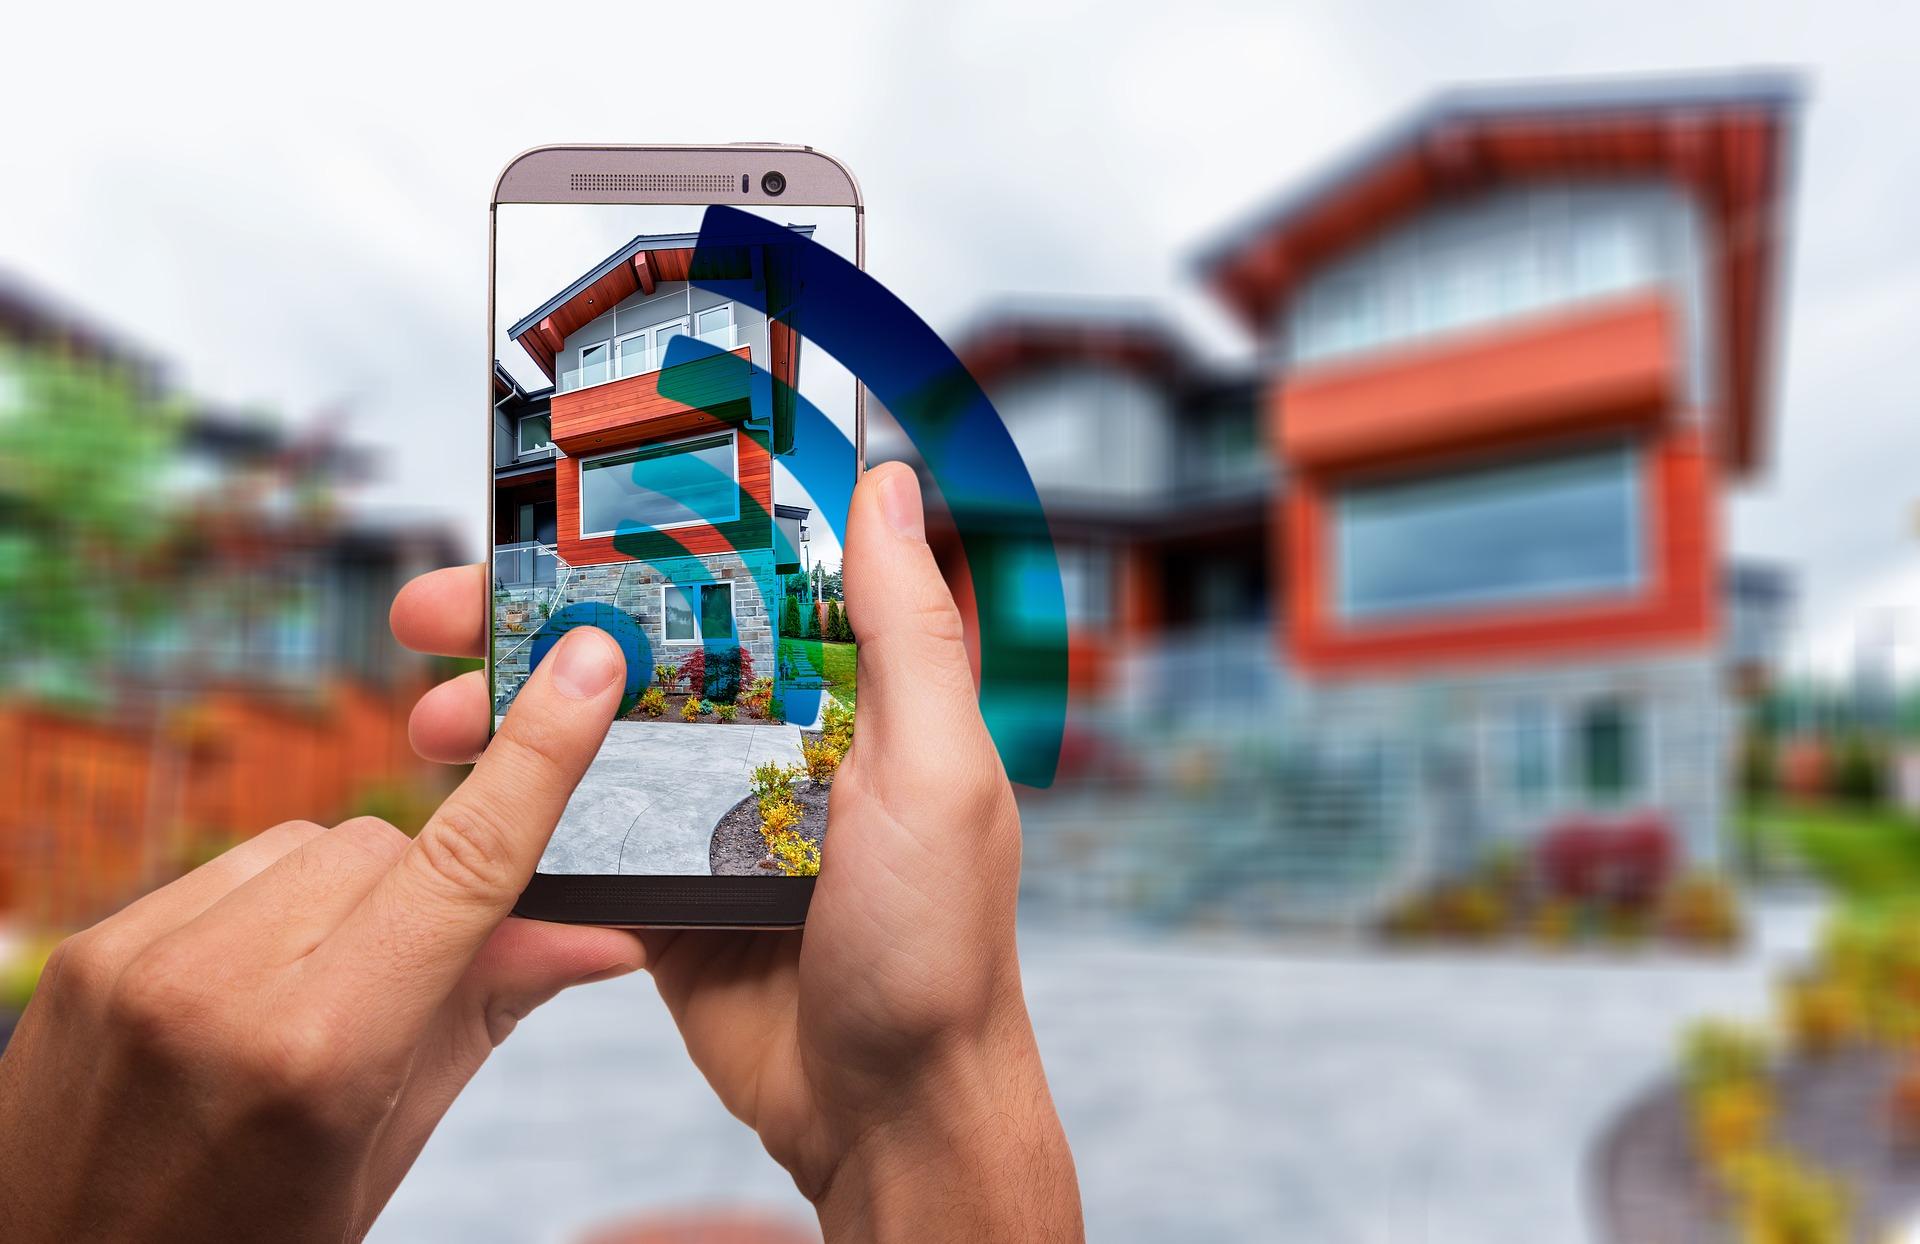 Imagem mostra uma pessoa usando um celular em frente a uma casa.